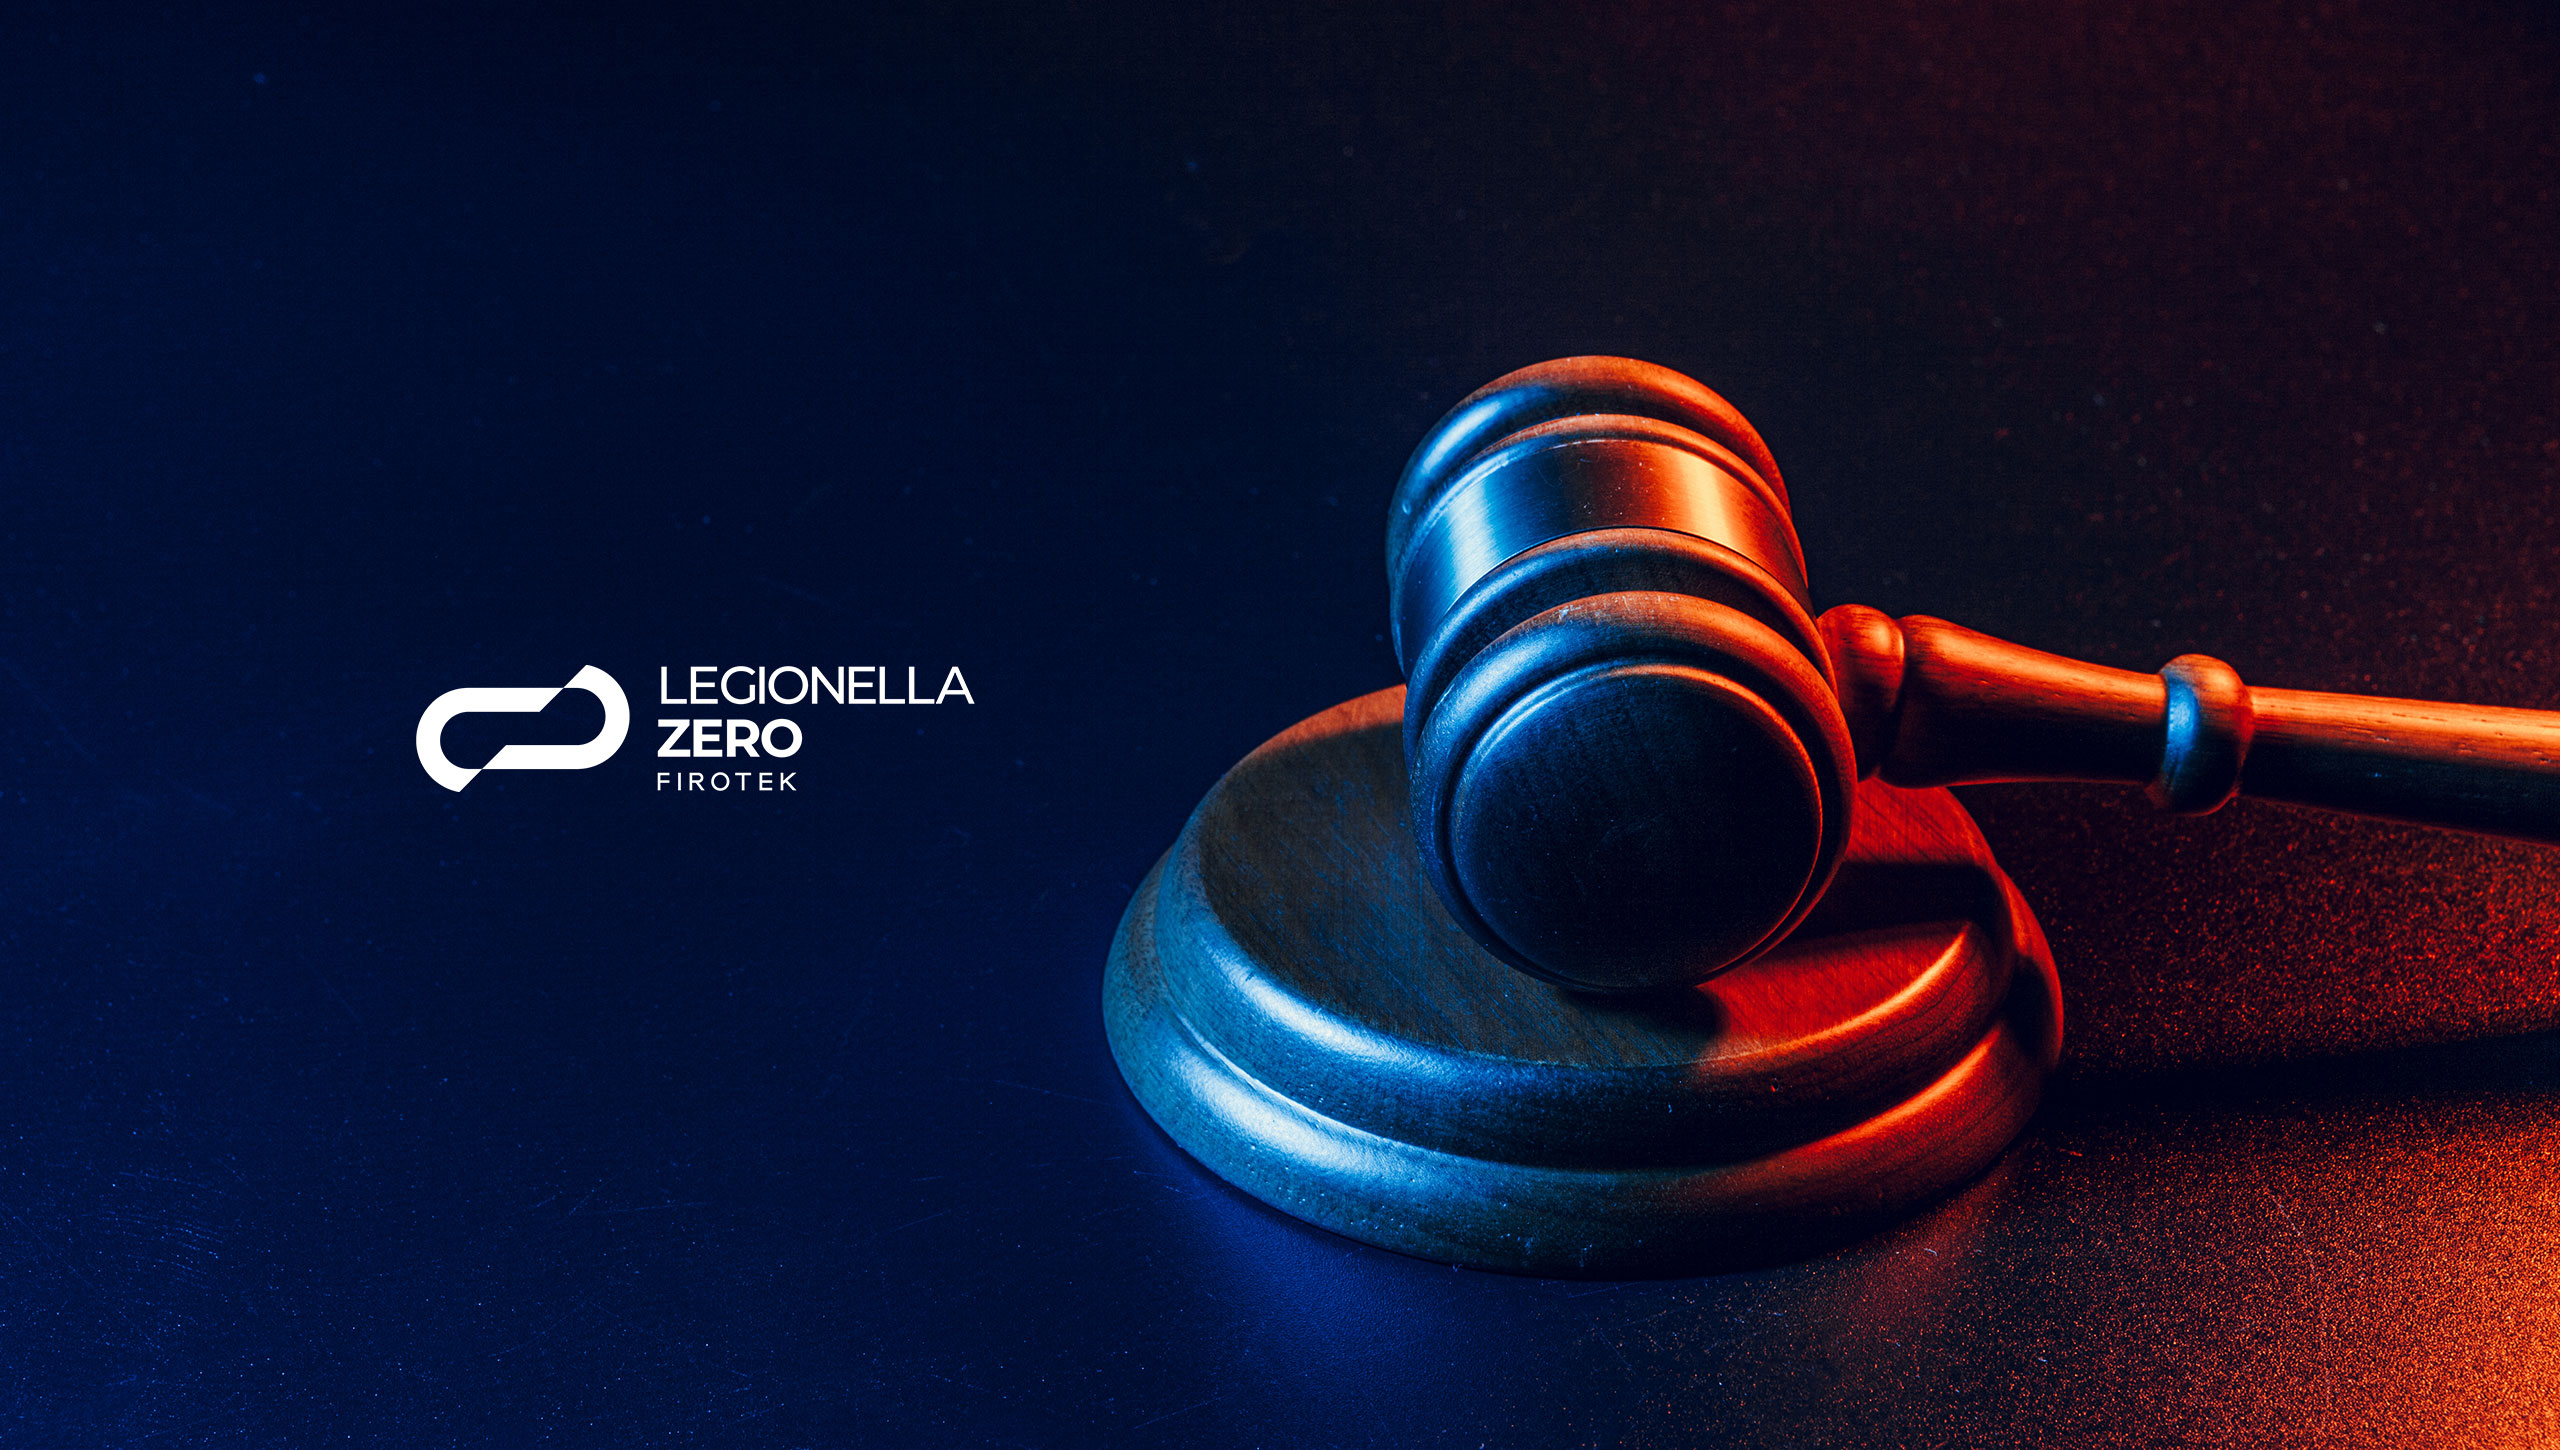 dvr legionella